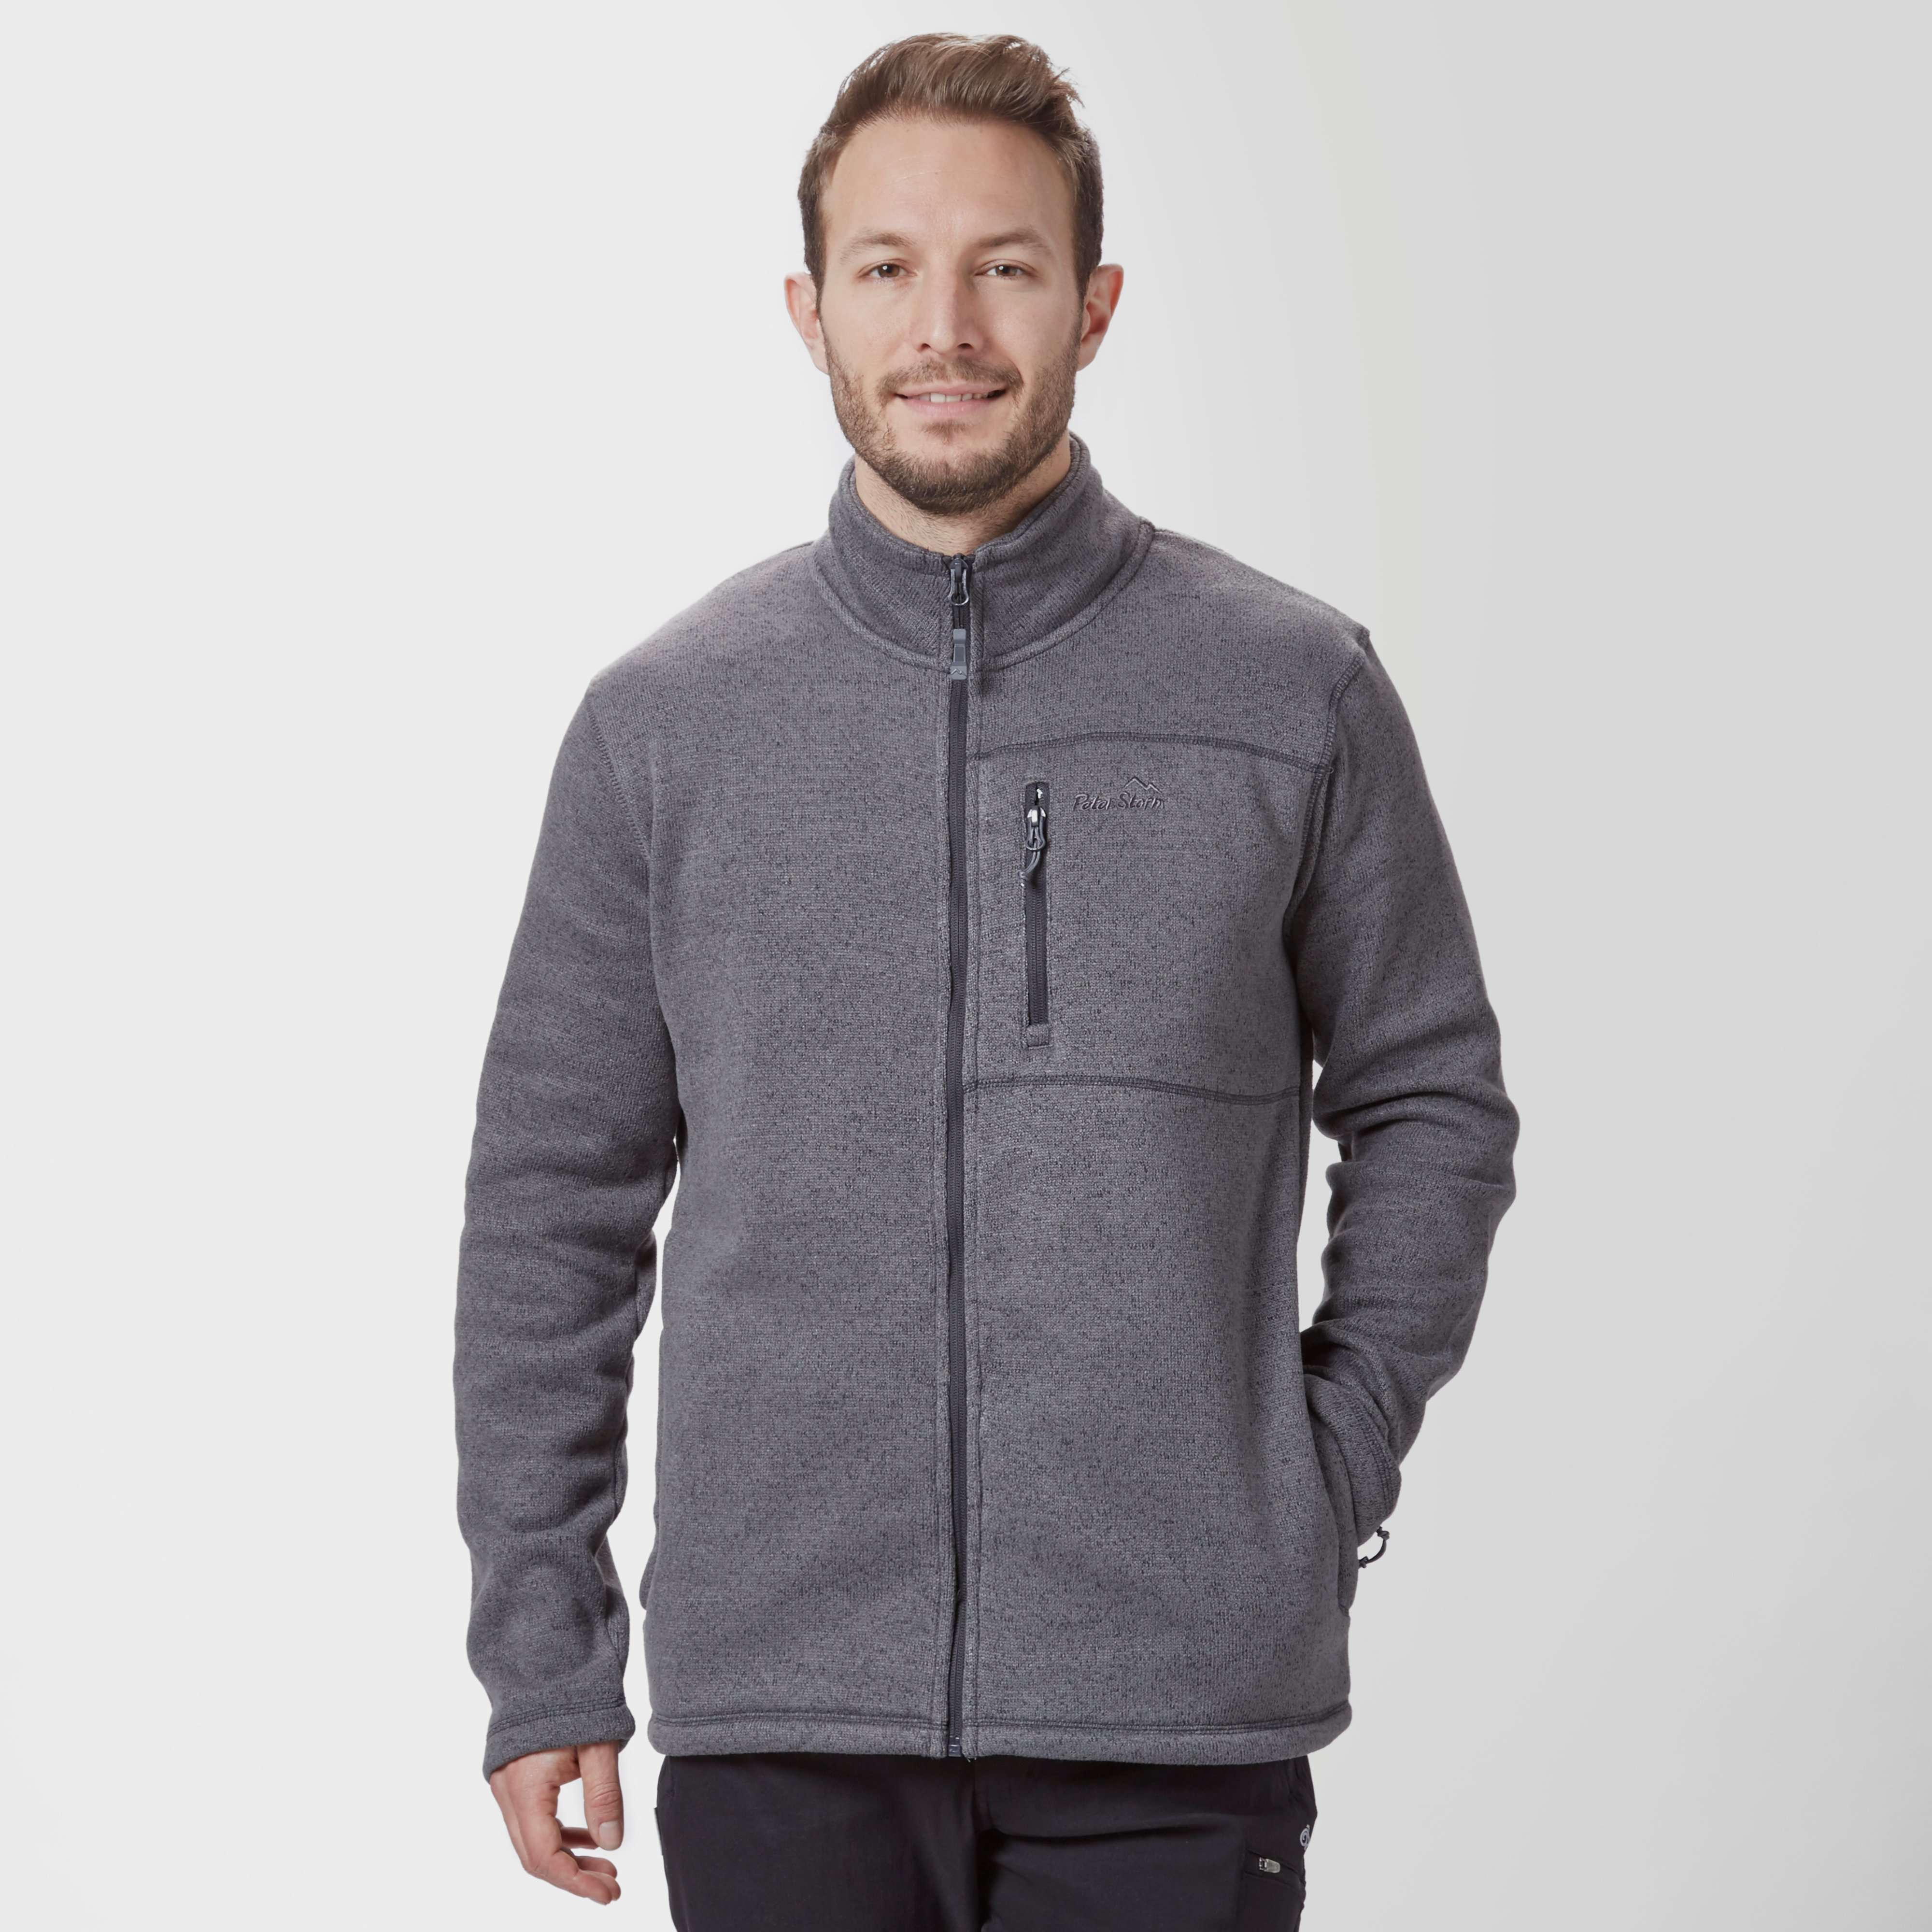 PETER STORM Men's Full-Zip Fleece